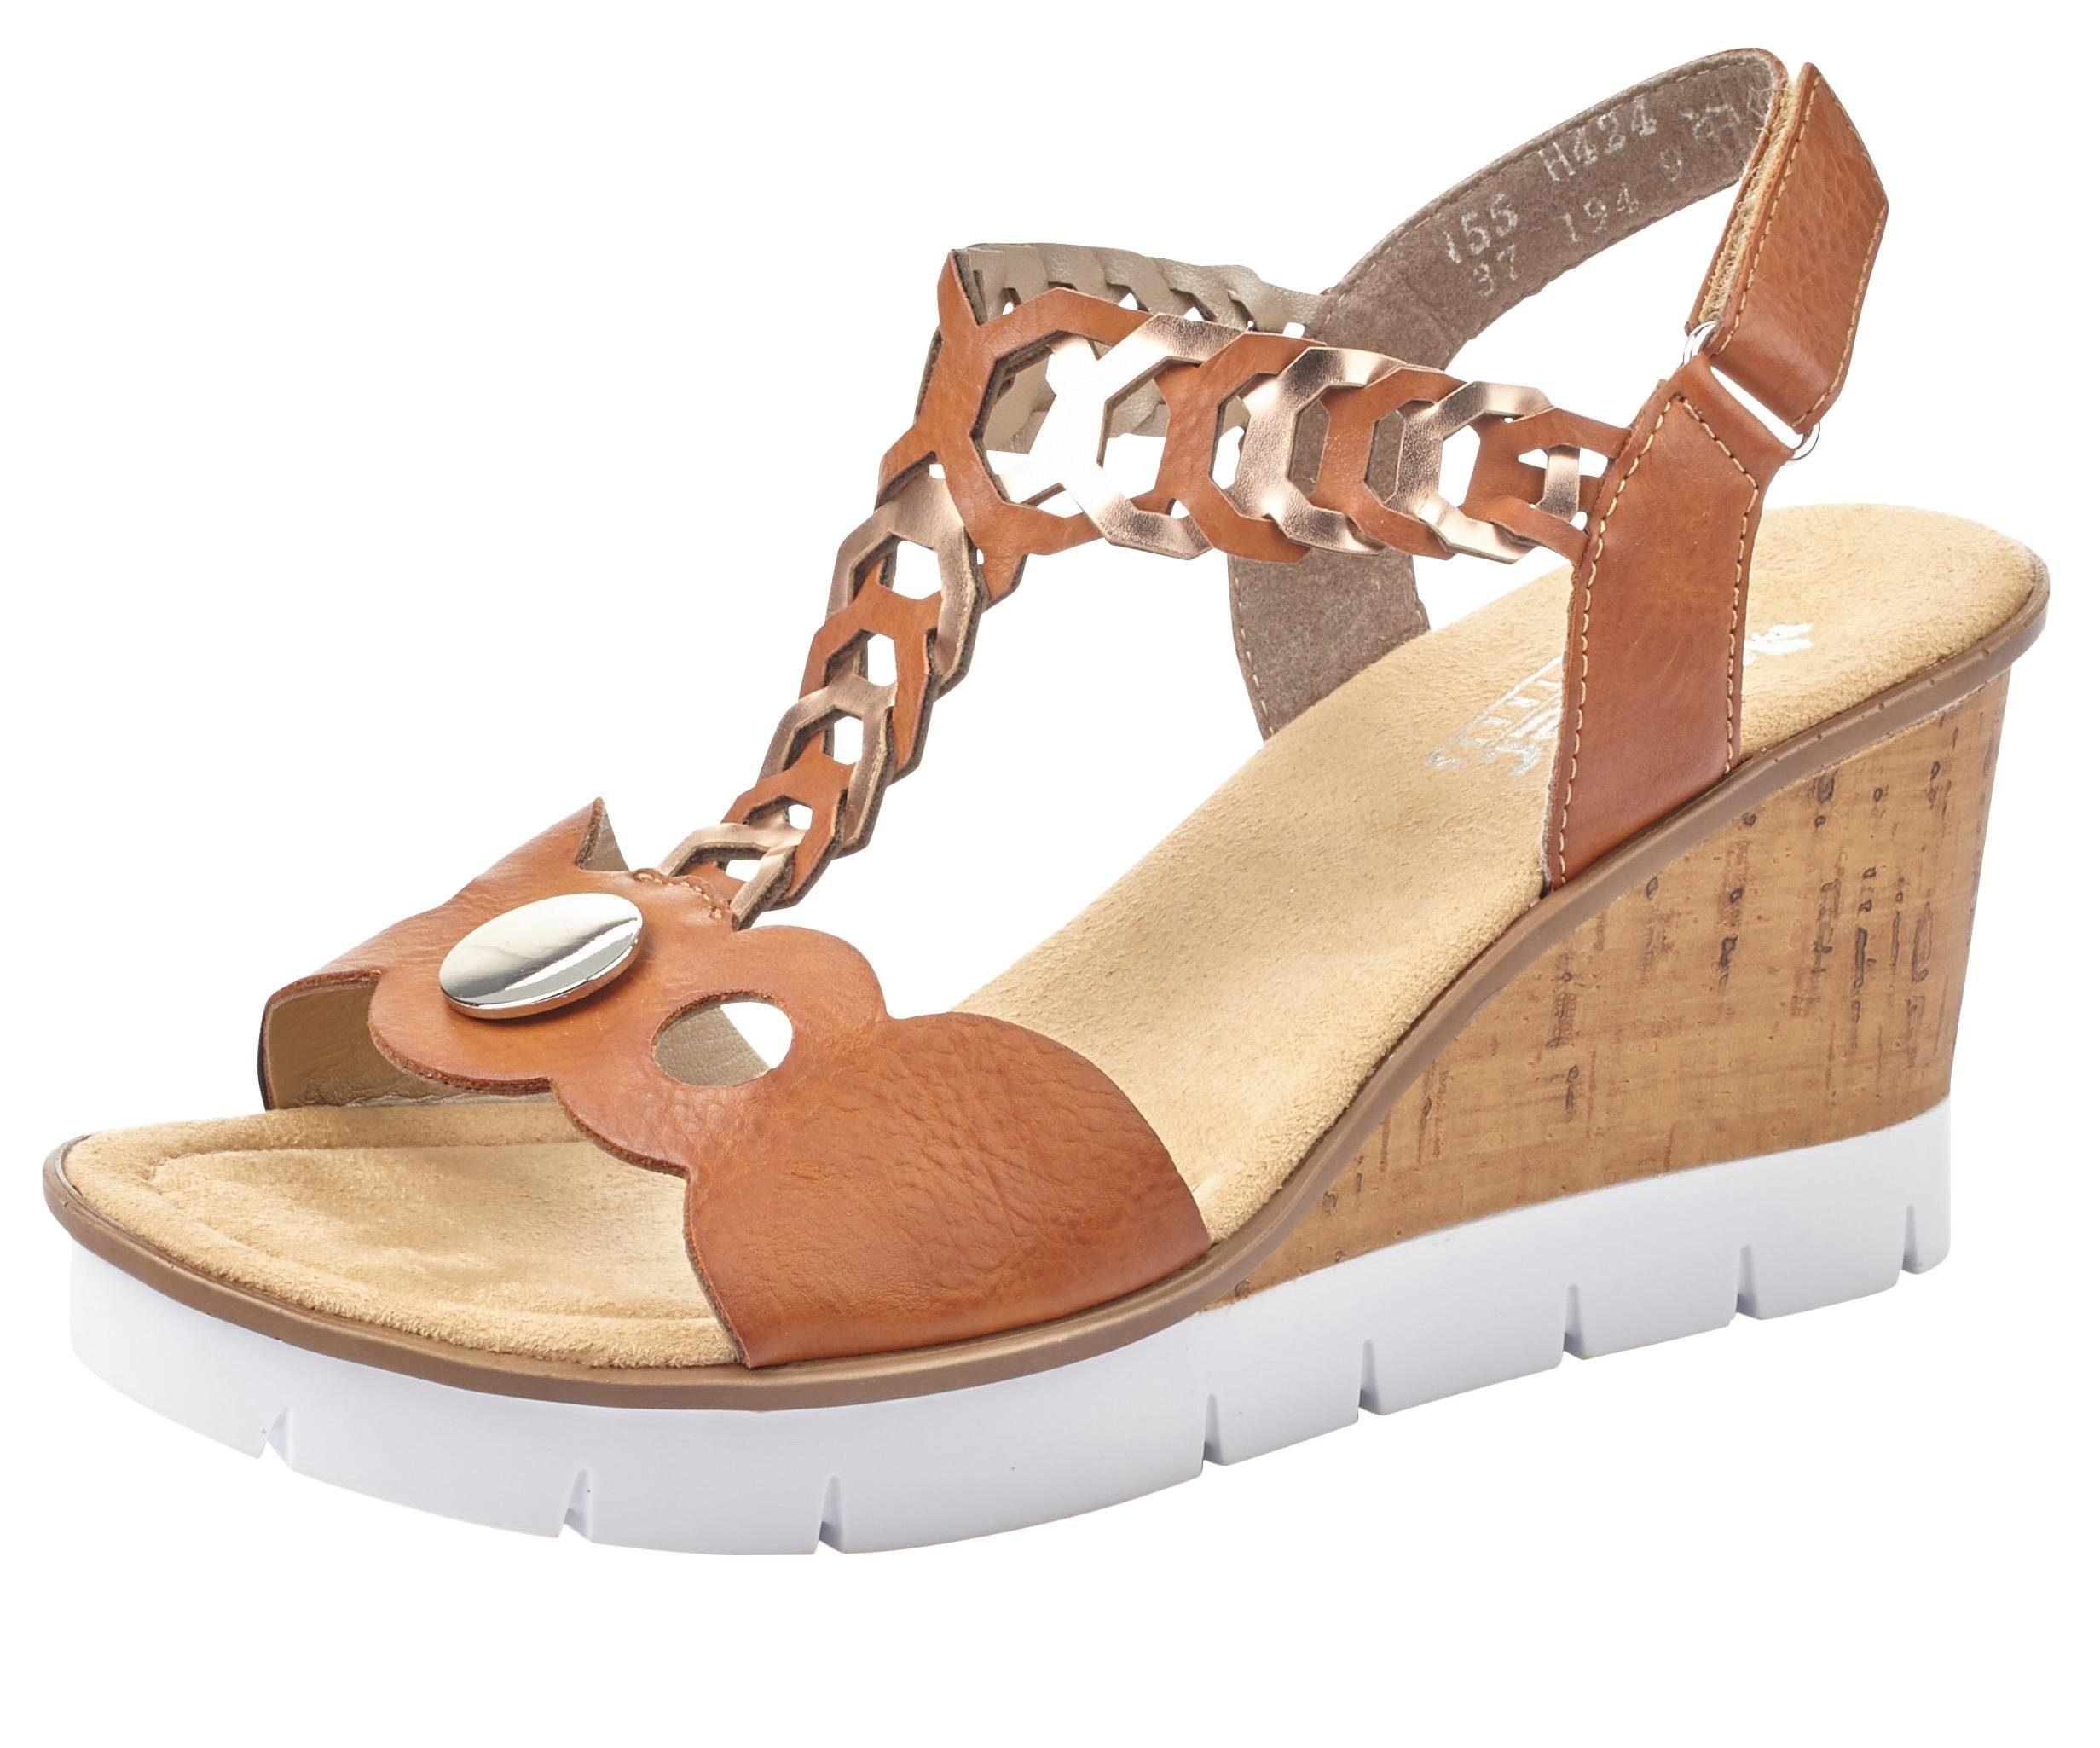 Rieker Sandalette mit Metallic Effekten, Sandalette mit glänzendem Schmuckelement online kaufen | OTTO